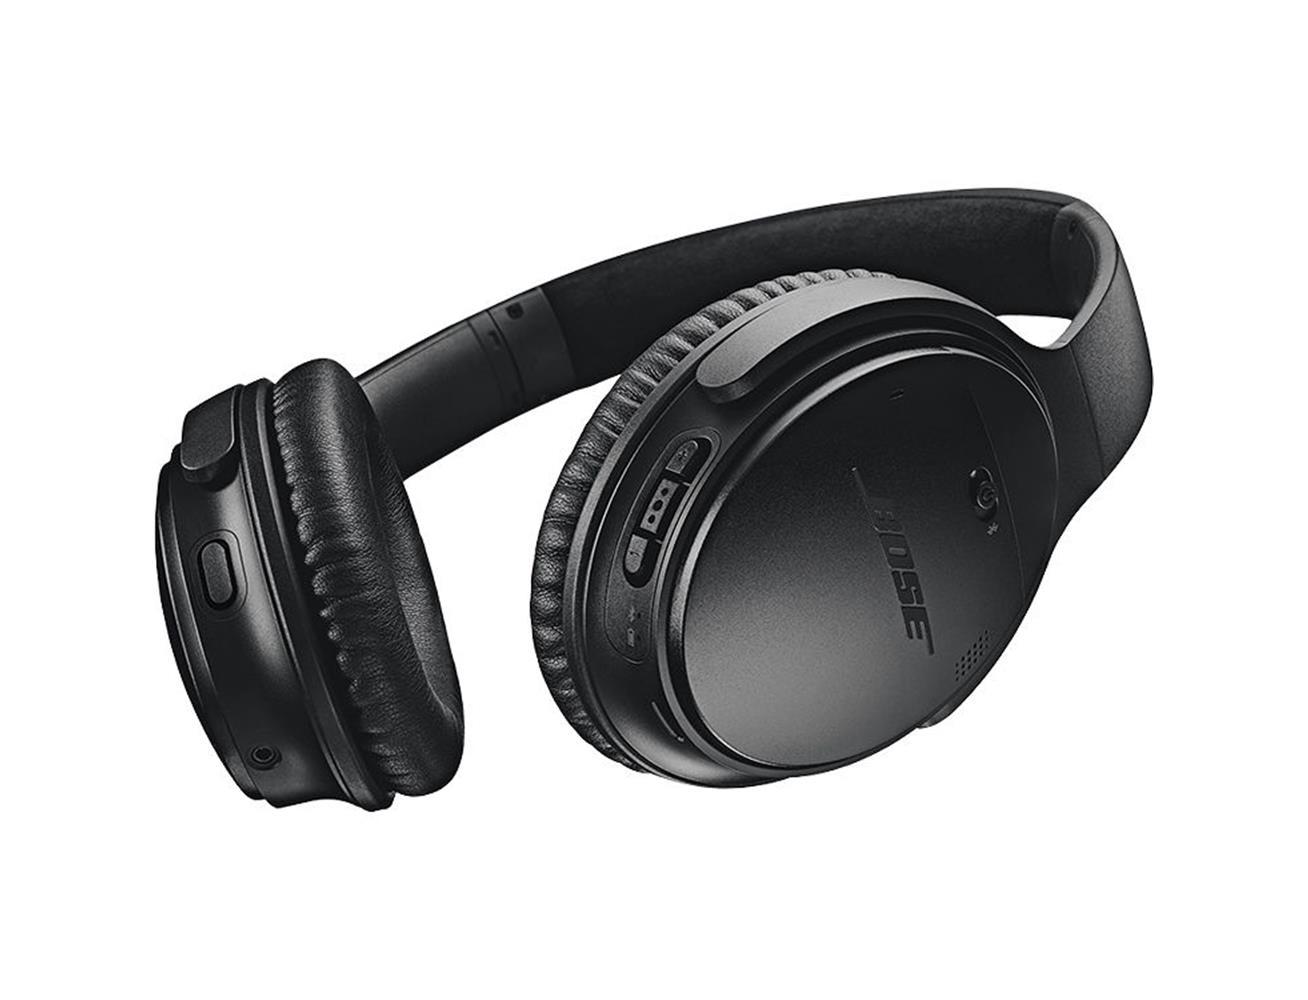 Bose Quietcomfort 35 Series Ii Wireless Headphones Black